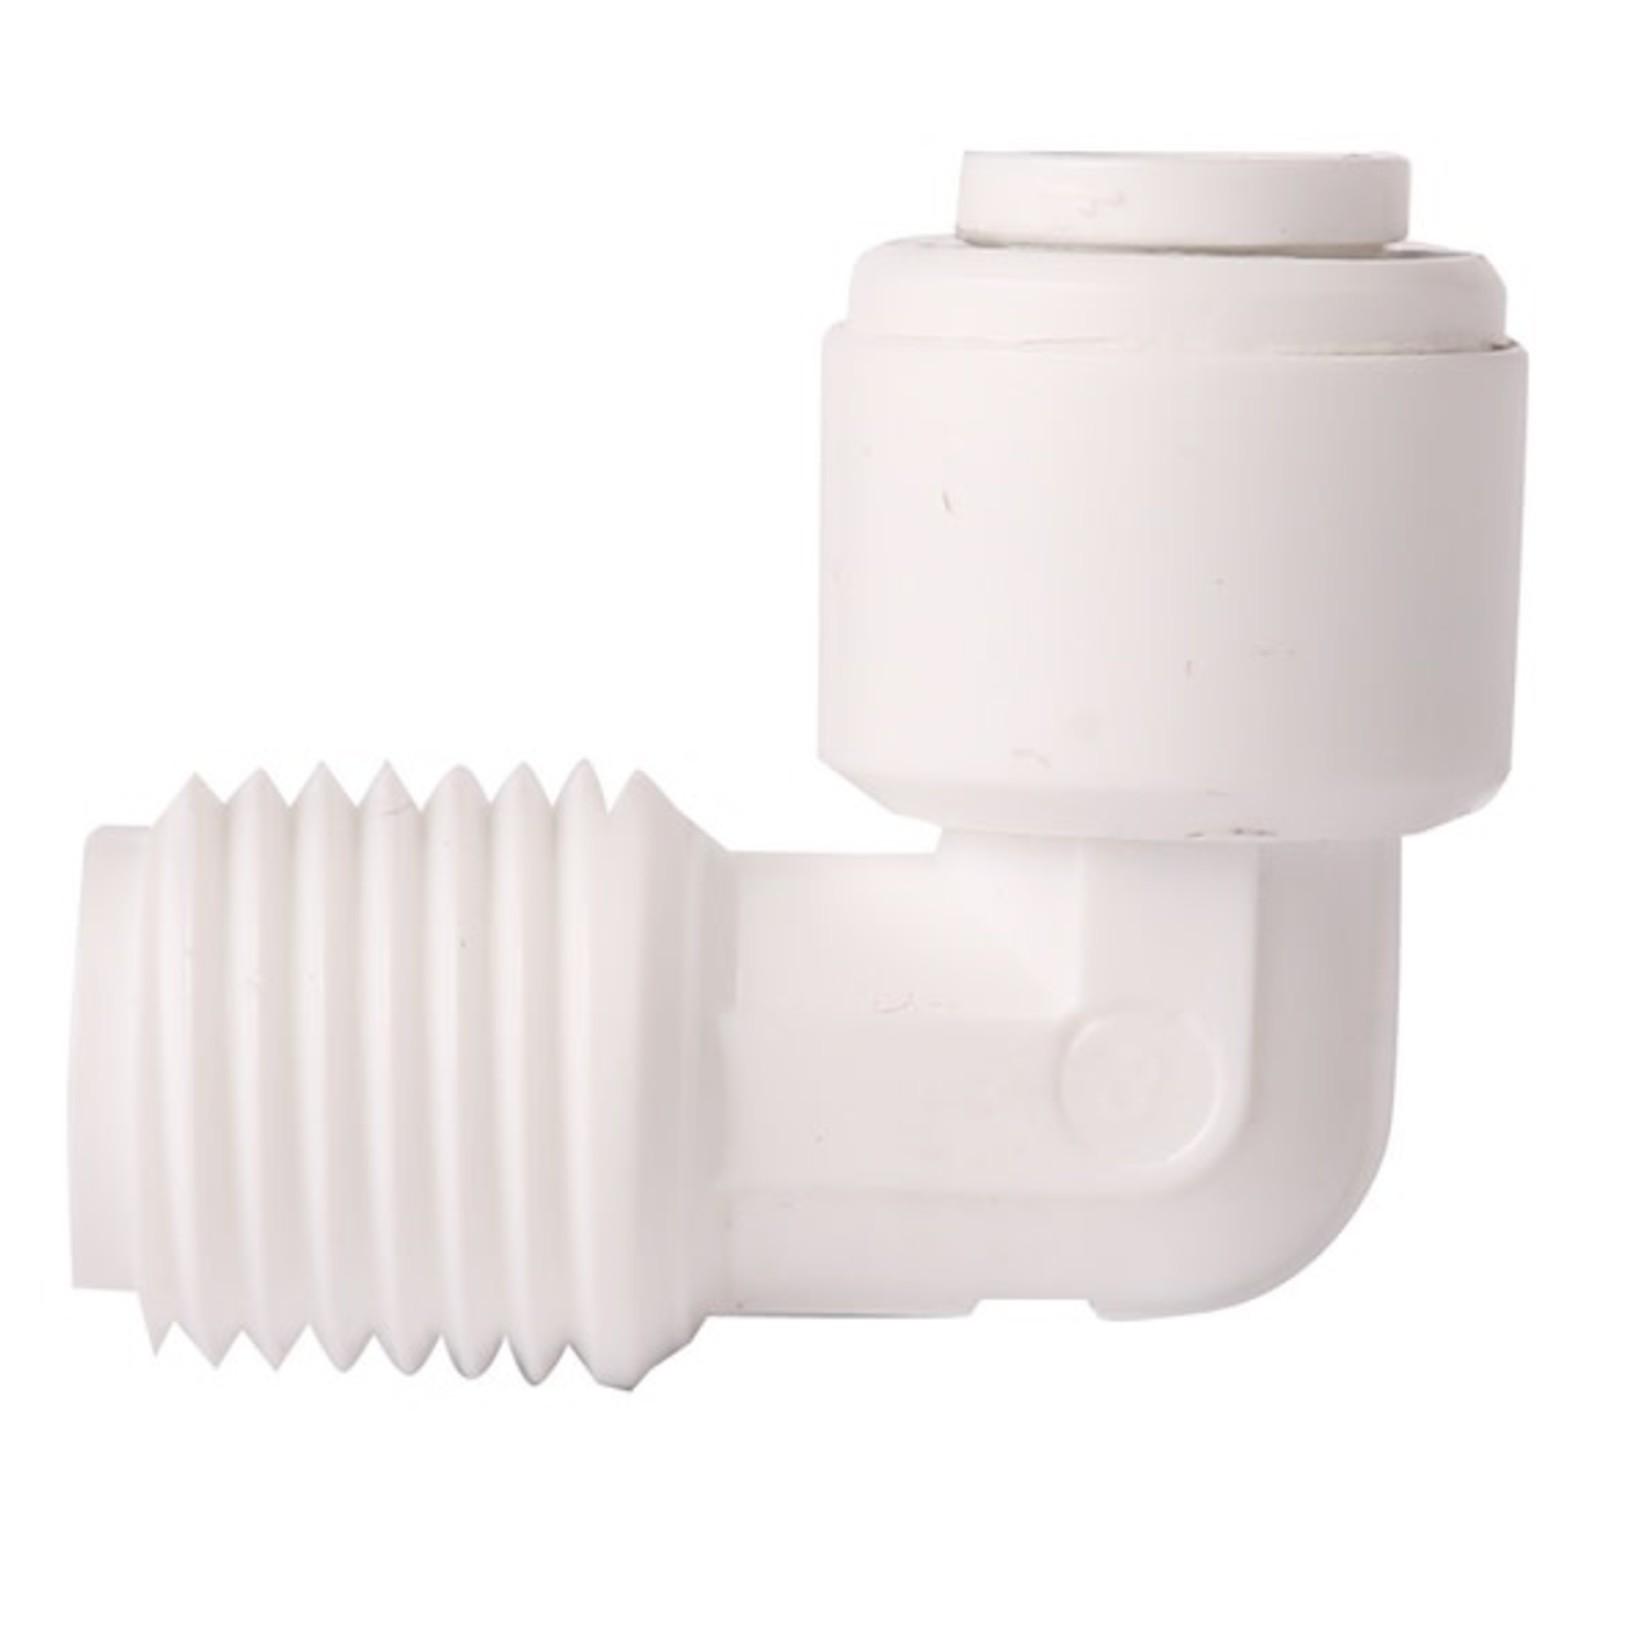 Aqua-Art 1/8 'x 1/4' connector voor RO-filterpijp